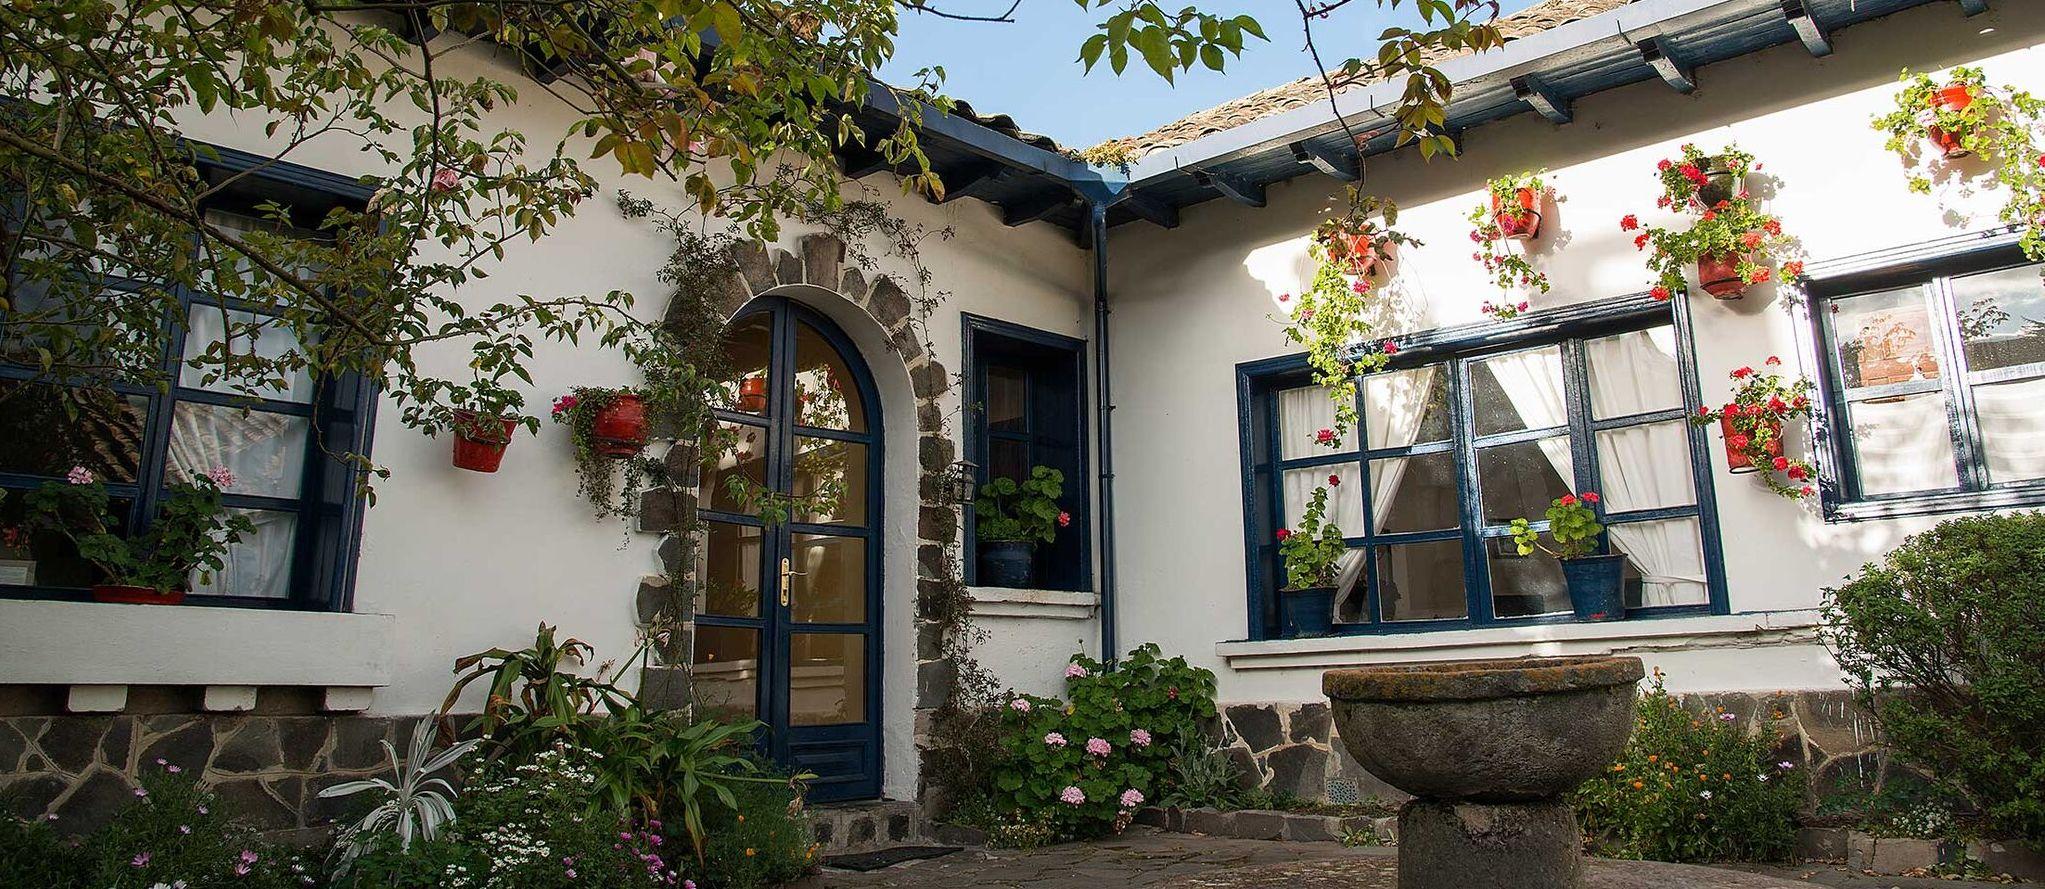 hacienda-zuleta-exterior